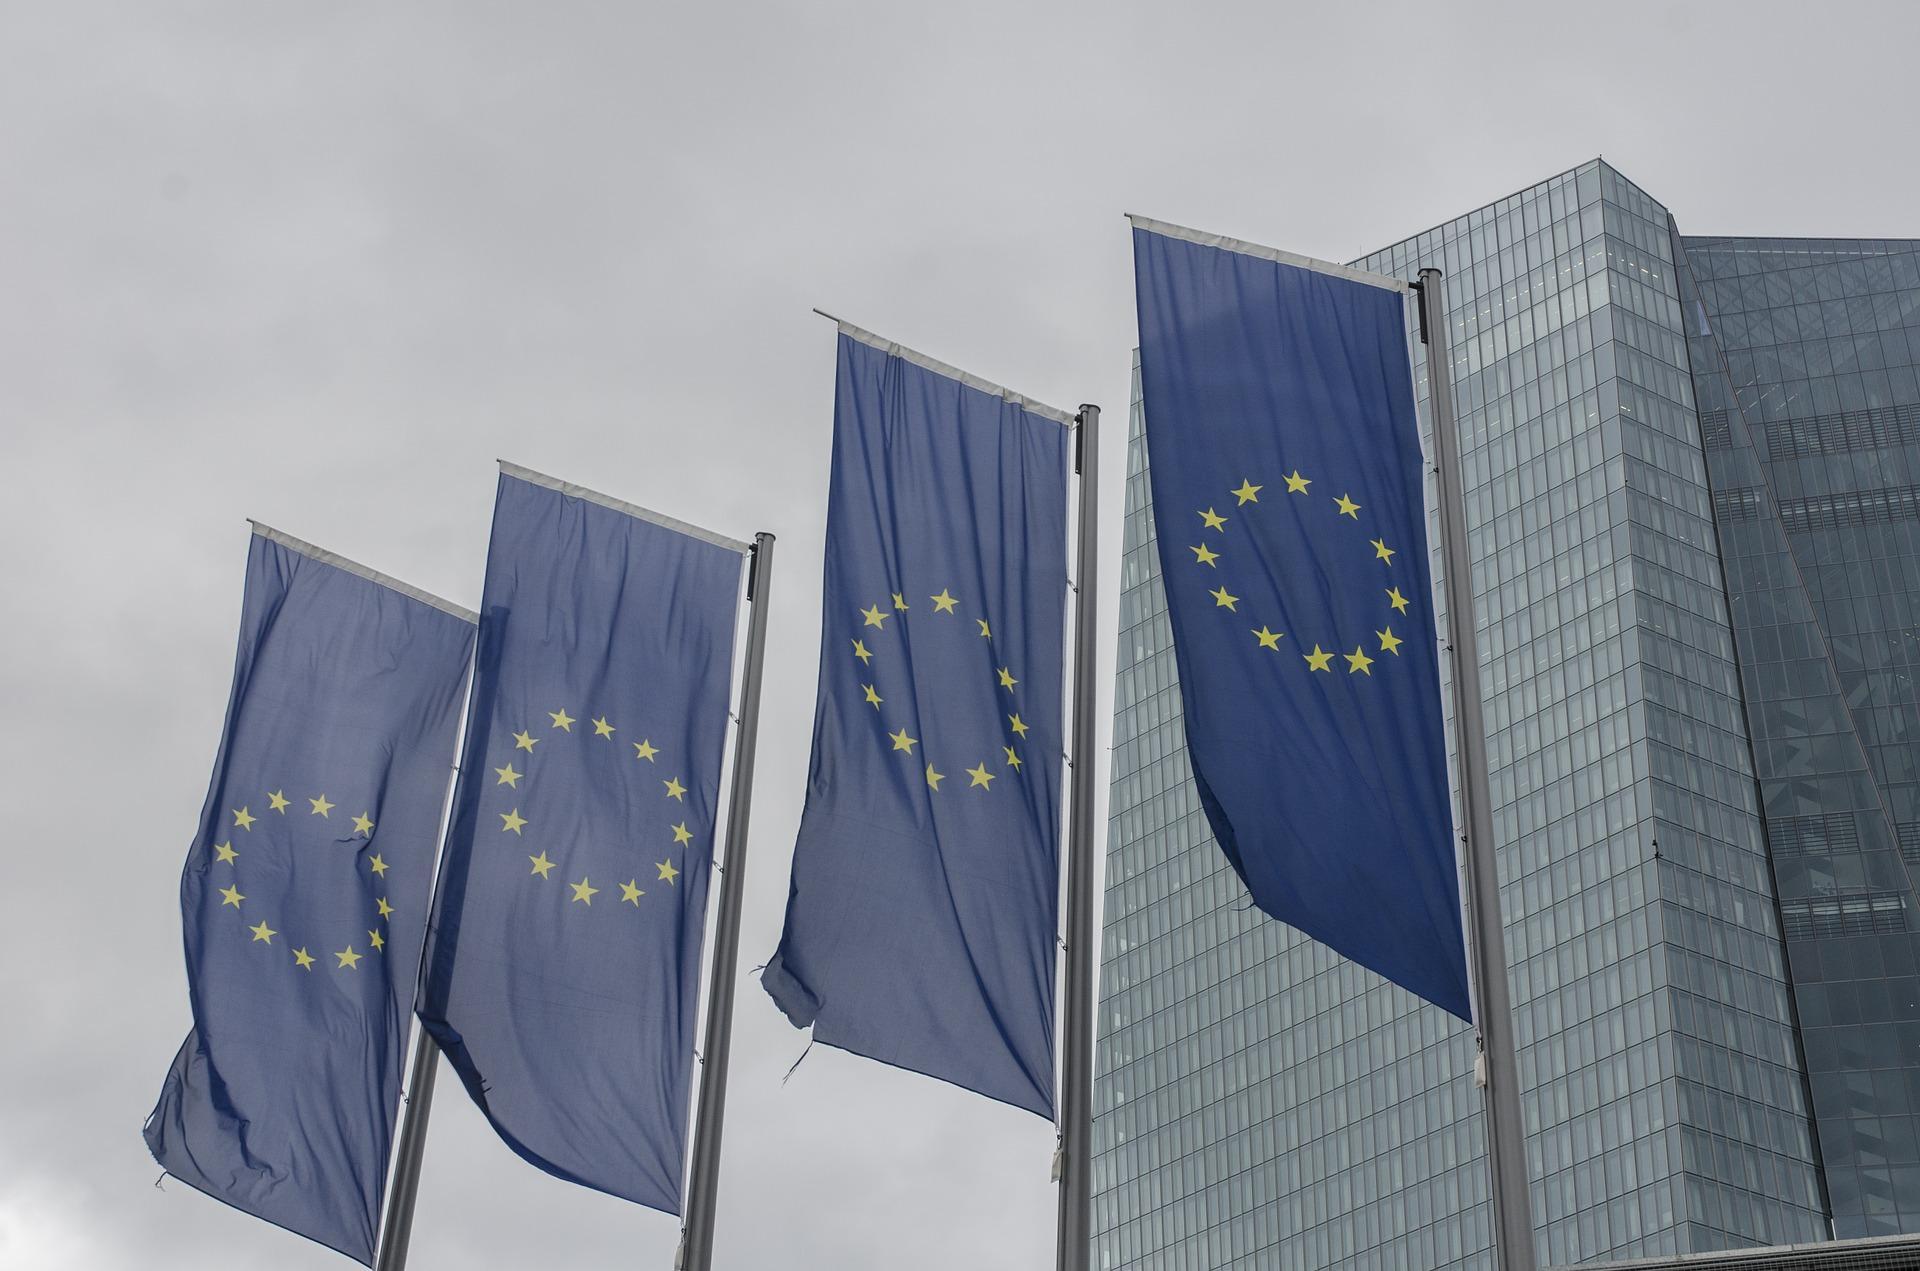 Das Staatsanleihekaufprogramm der EZB – und die Karlsruher ultra-vires-Prüfung